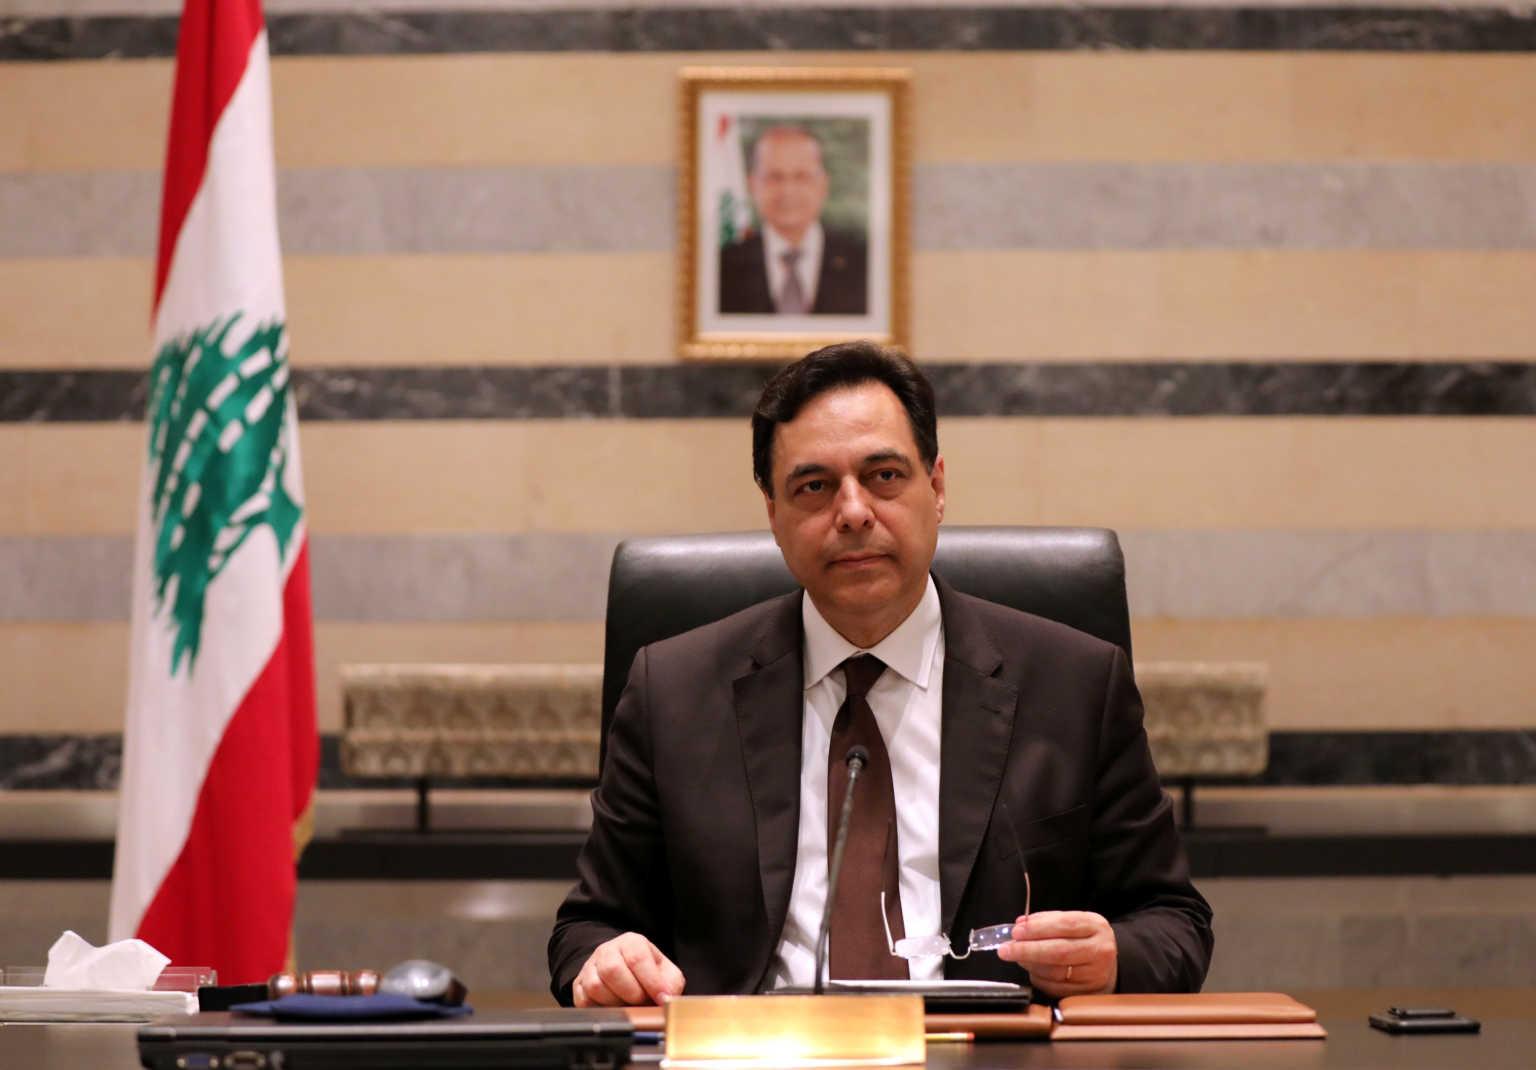 https://www.newsit.gr/wp-content/uploads/2020/08/lebanon-prime-minister-1536x1070.jpg